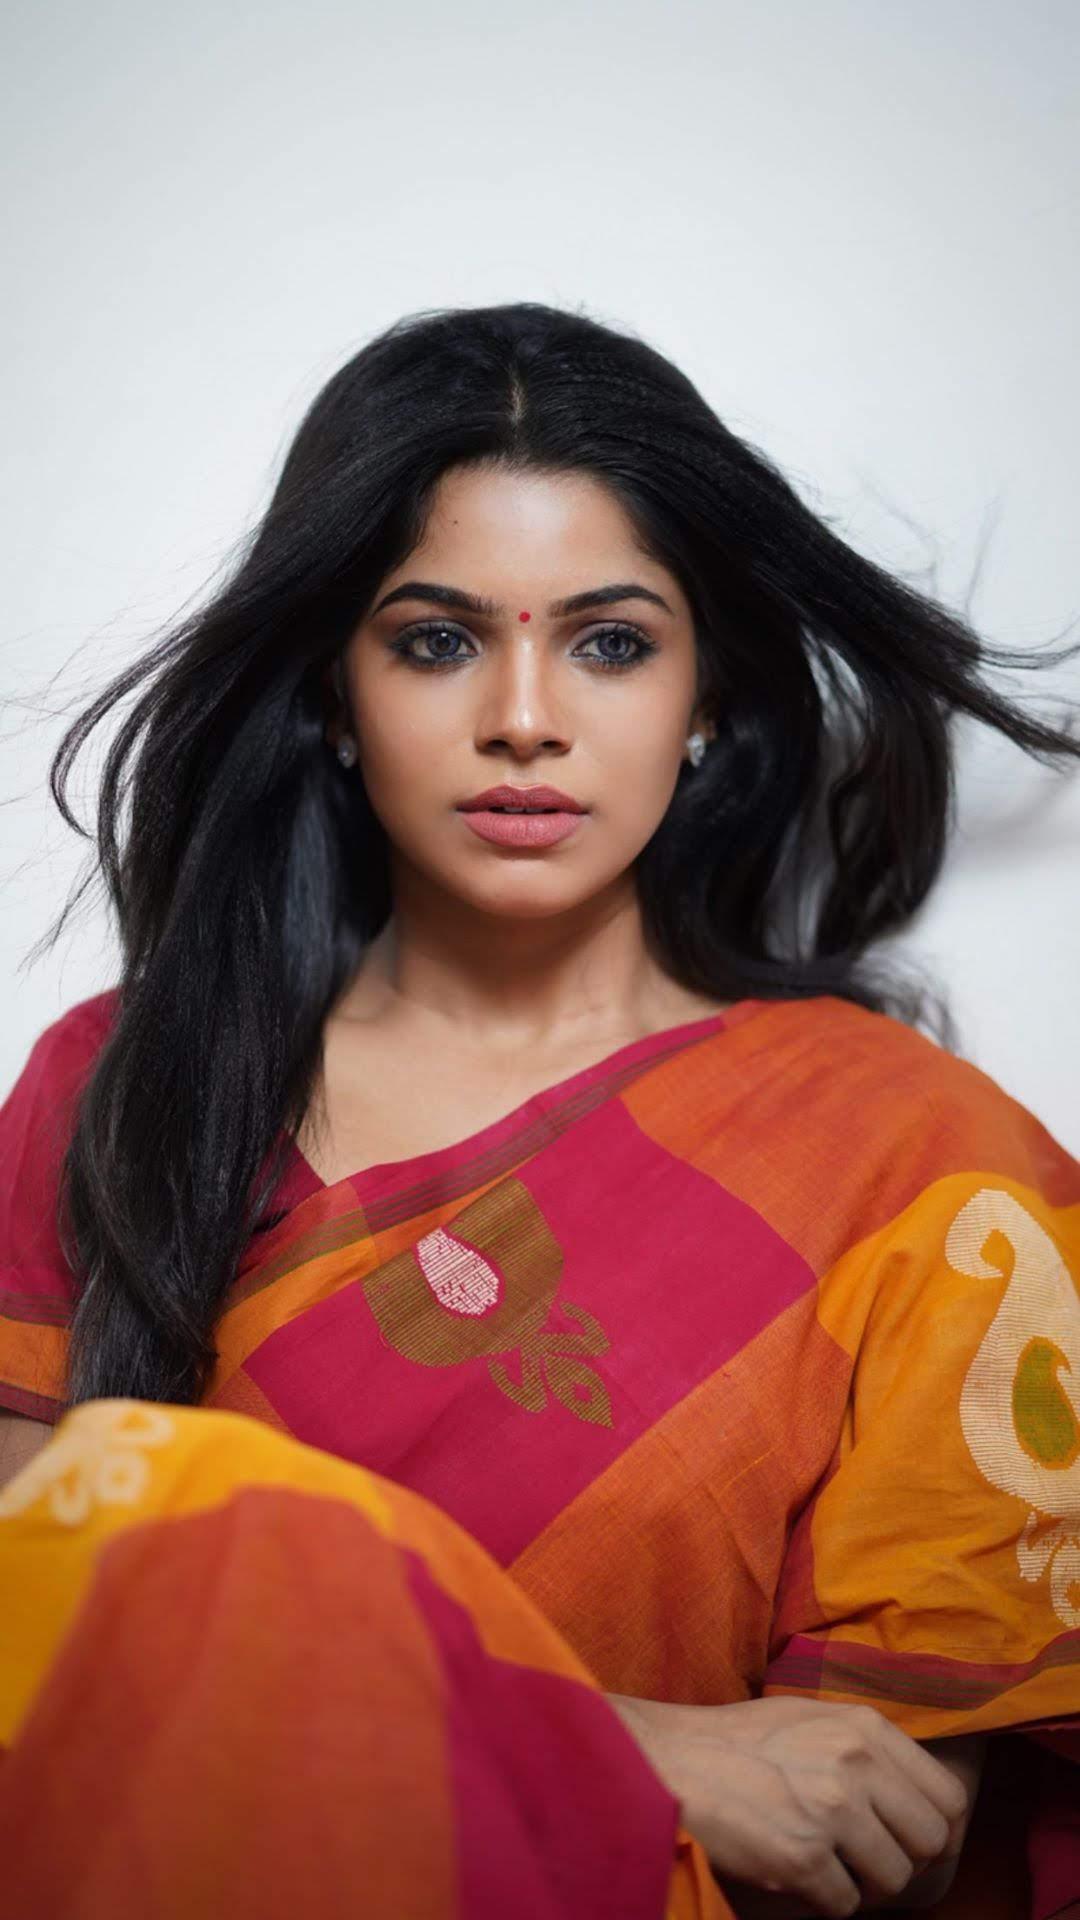 Divyabharathi_Divya-bharathi_20